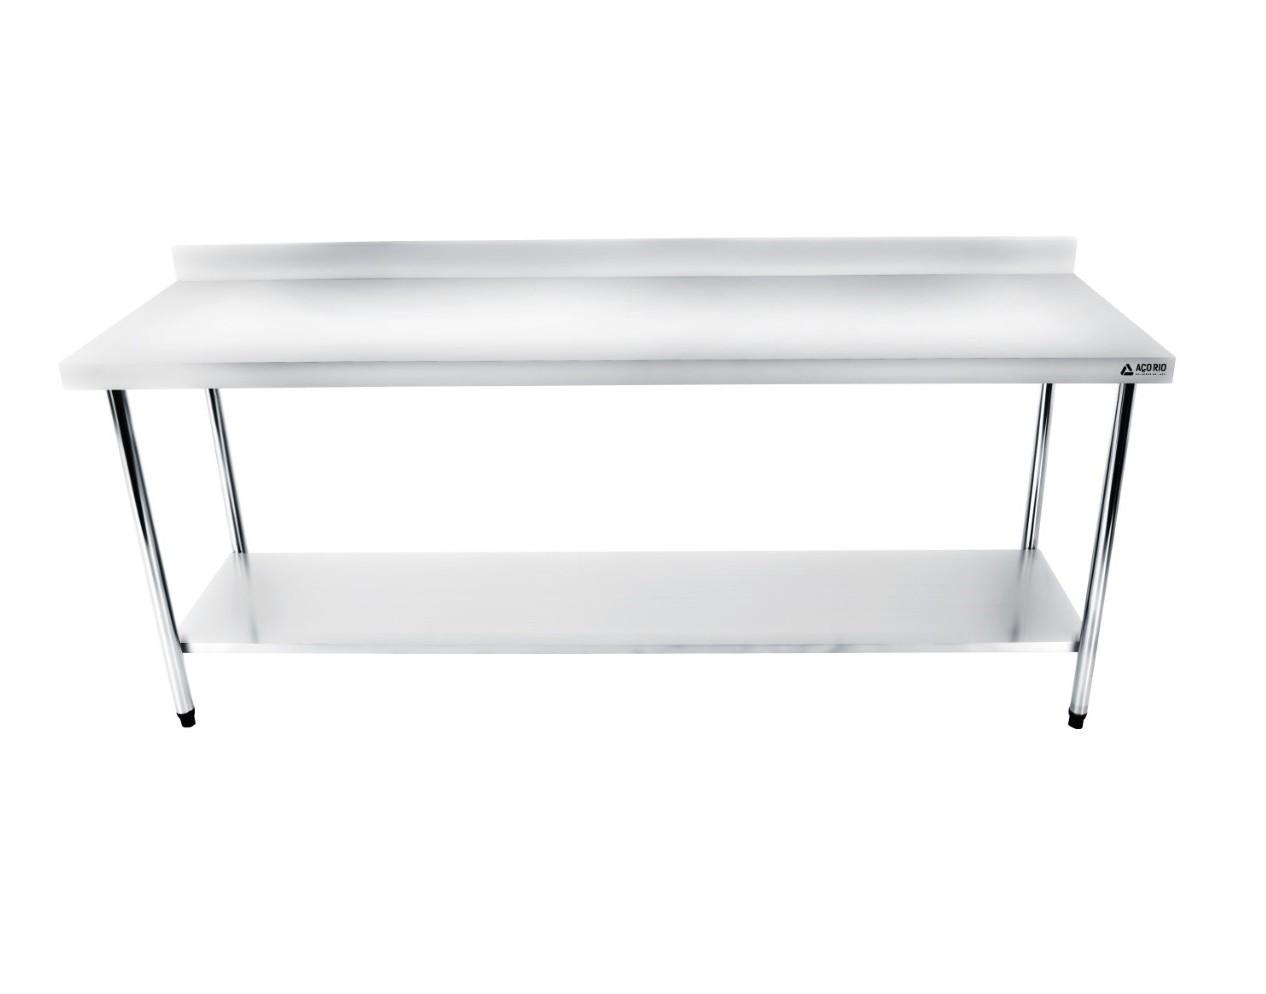 Mesa Bancada Em Aço Inox 170x60x85 com Espelho e Prateleira